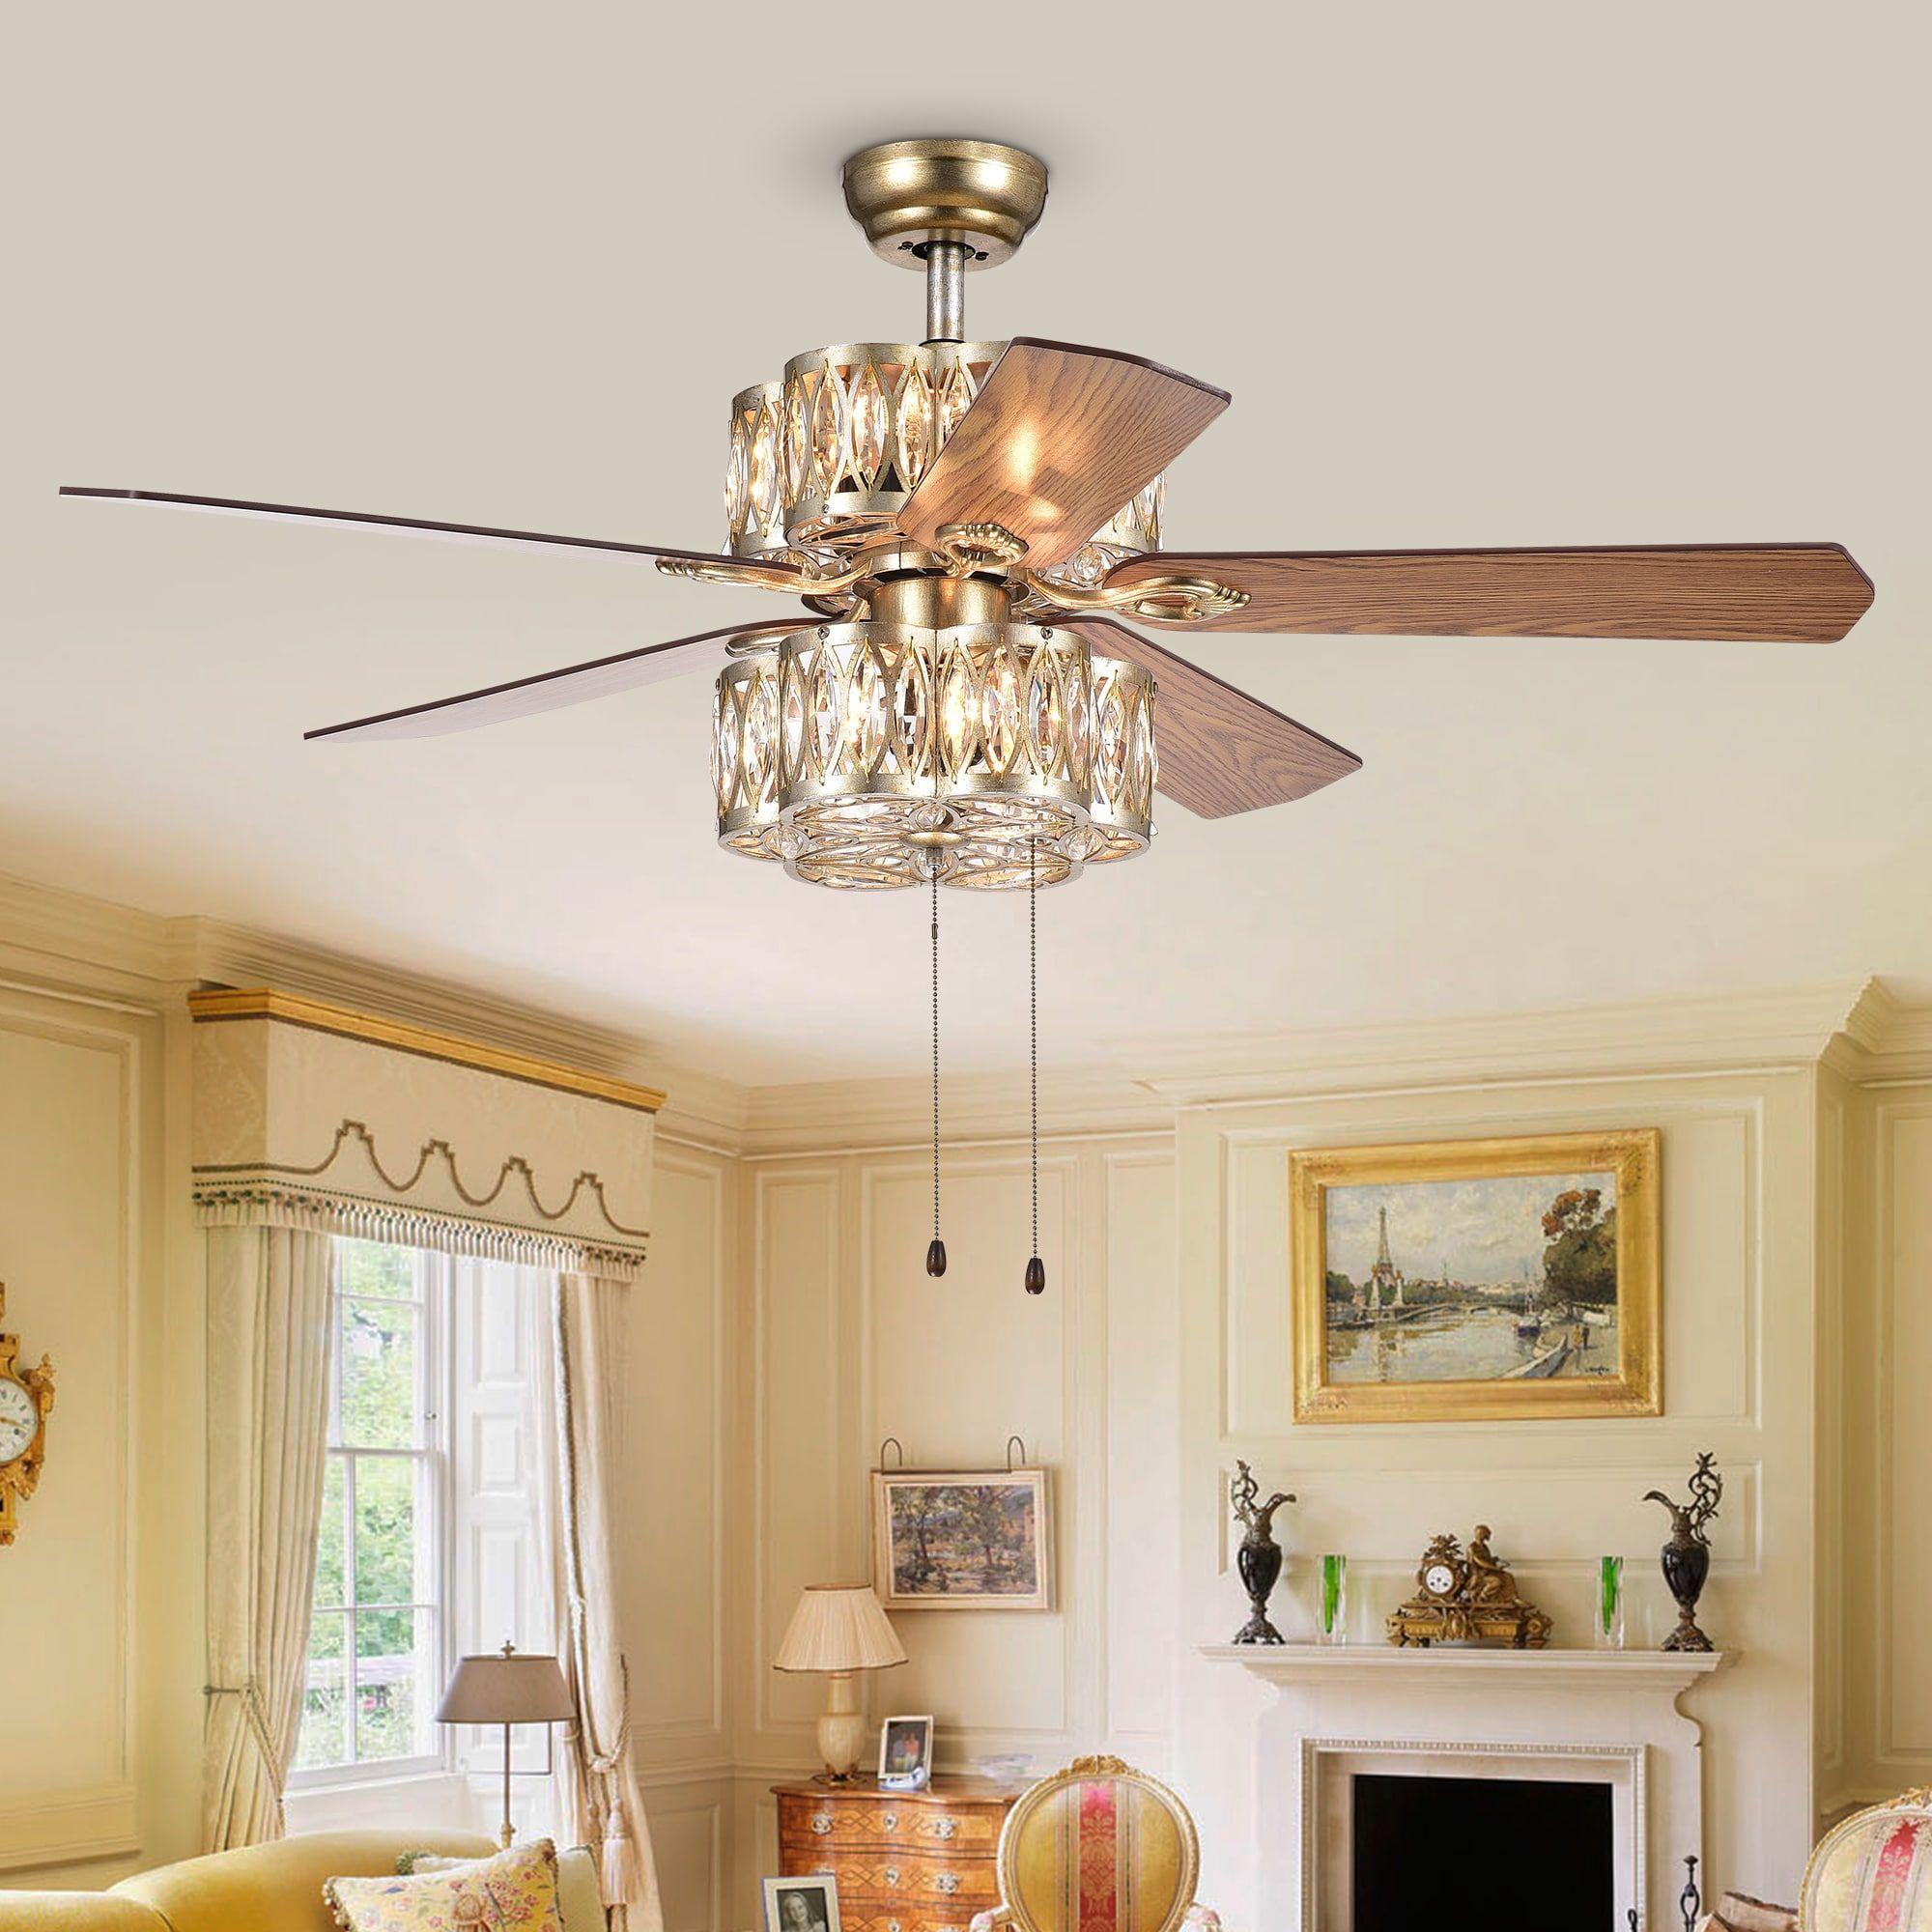 Warehouse of Tiffany Gaspar 52 Inch 5 Blade Modern Ceiling Fan